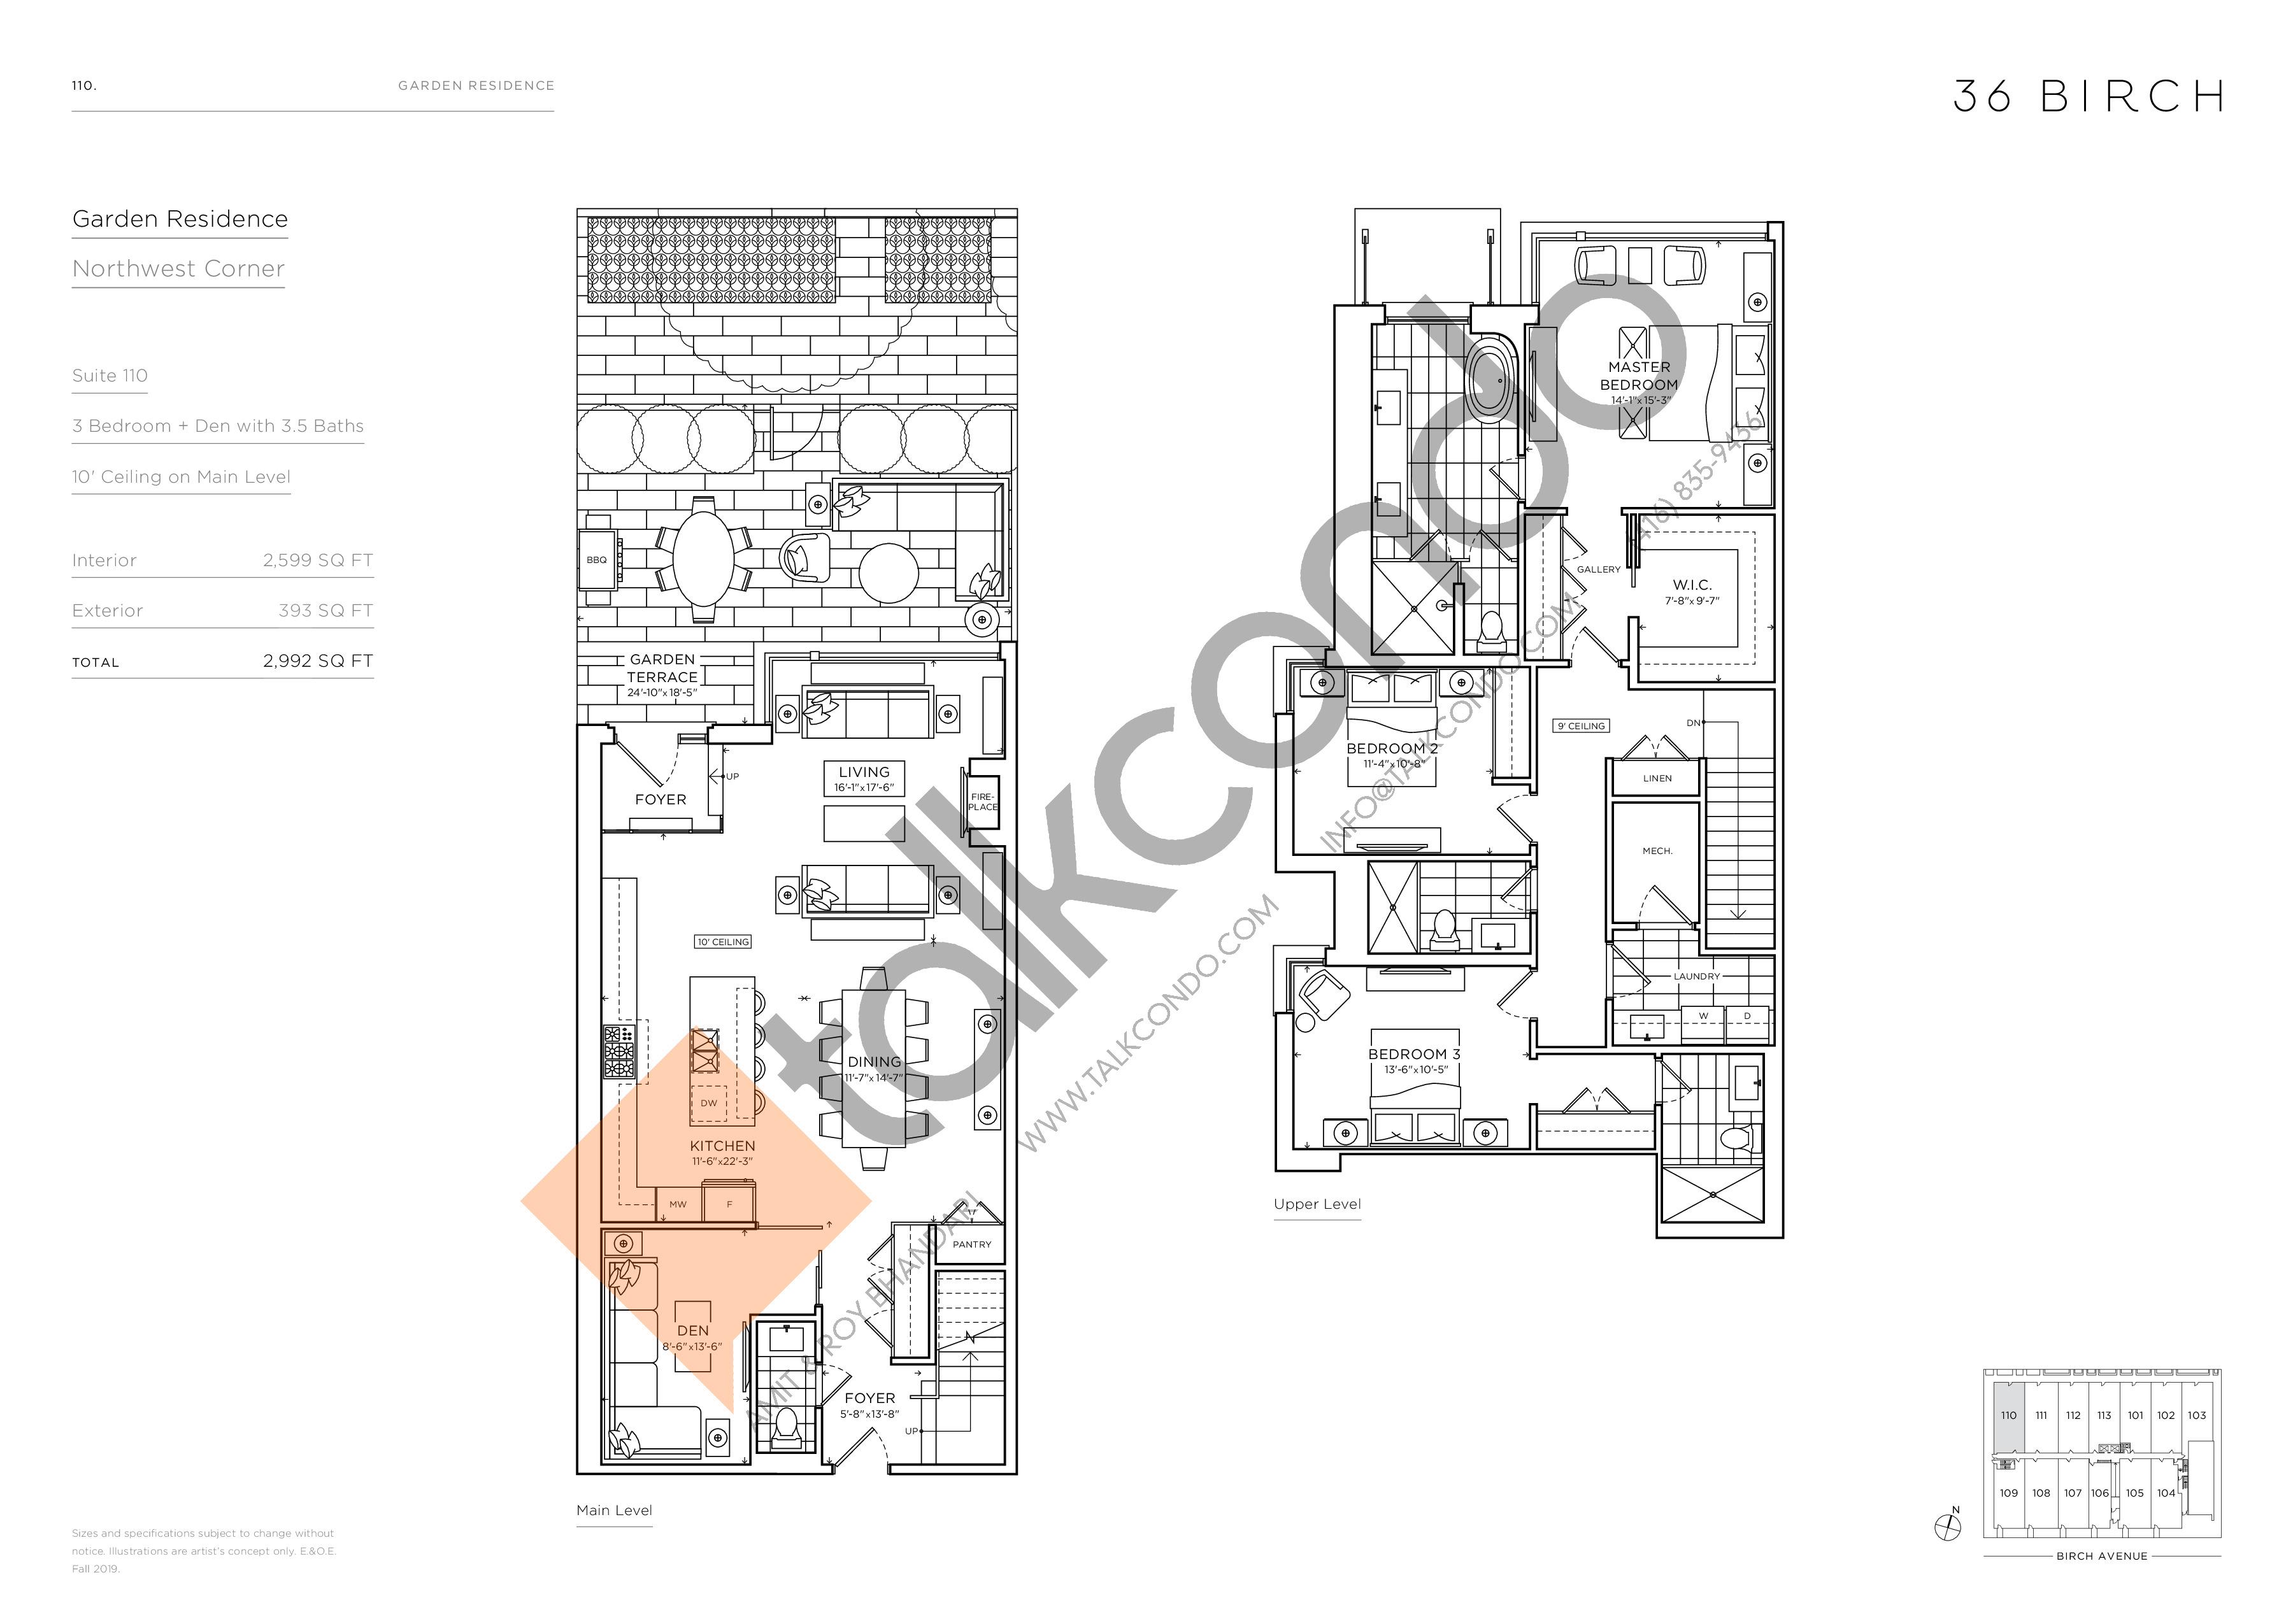 110 - Garden Residences Floor Plan at 36 Birch Condos - 2599 sq.ft